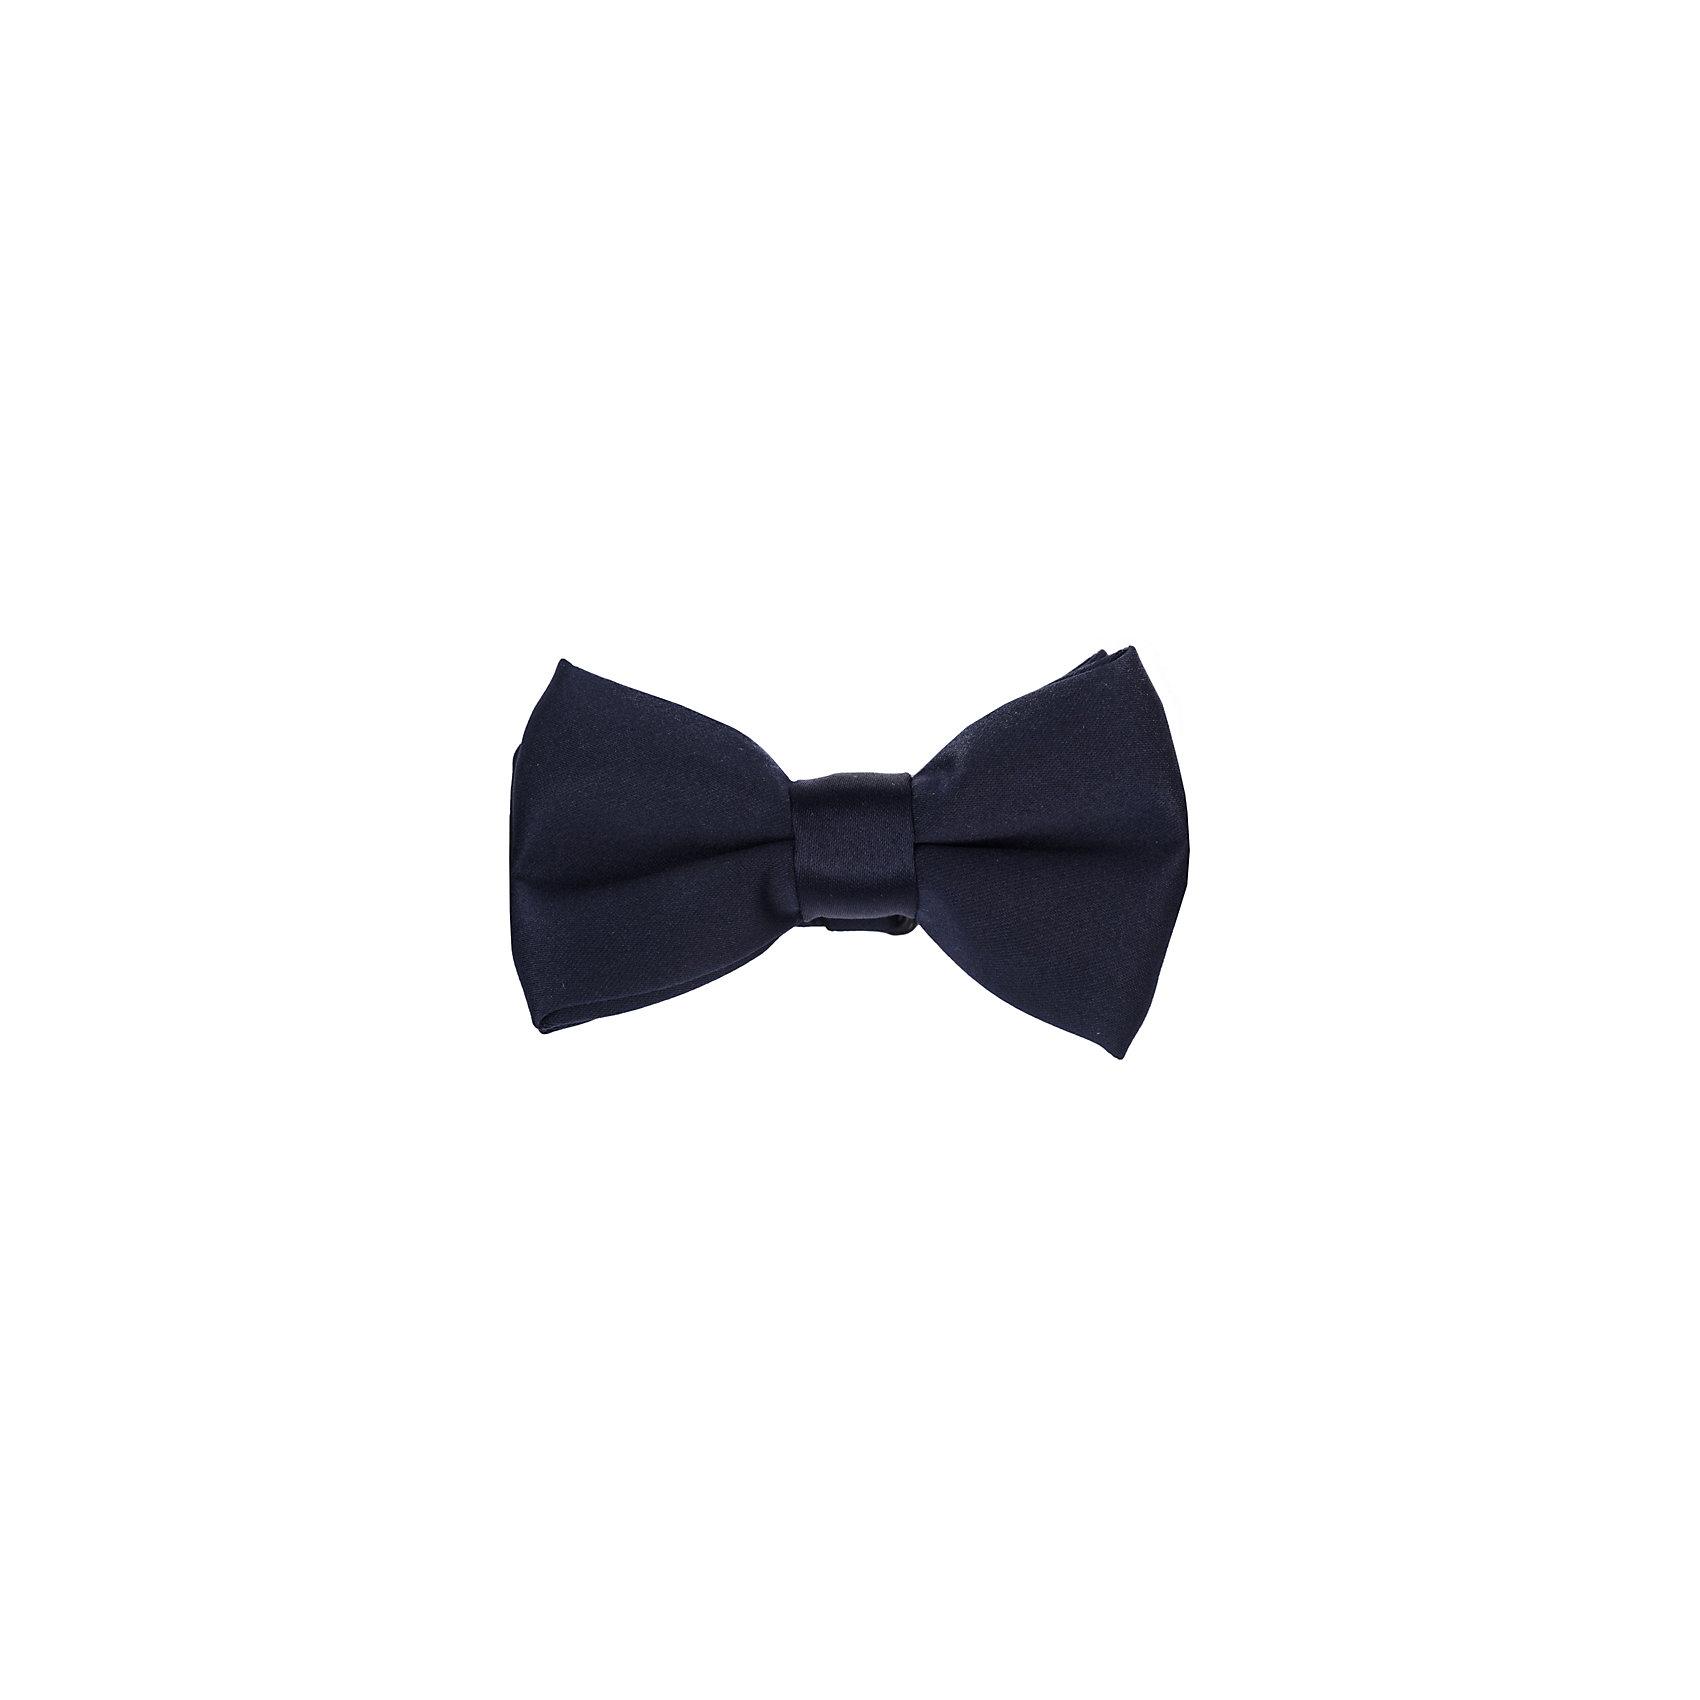 Галстук-бабочка  для мальчика ScoolАксессуары<br>Галстук-бабочка  для мальчика Scool<br>Аккуратный галстук - бабочка прекрасно подойдет для официальных и праздничных мероприятий. Он подчеркнет индивидуальность ребенка. Модель на регулируемом ремешке.<br>Состав:<br>100% полиэстер<br><br>Ширина мм: 170<br>Глубина мм: 157<br>Высота мм: 67<br>Вес г: 117<br>Цвет: темно-синий<br>Возраст от месяцев: 60<br>Возраст до месяцев: 132<br>Пол: Мужской<br>Возраст: Детский<br>Размер: one size<br>SKU: 6754545